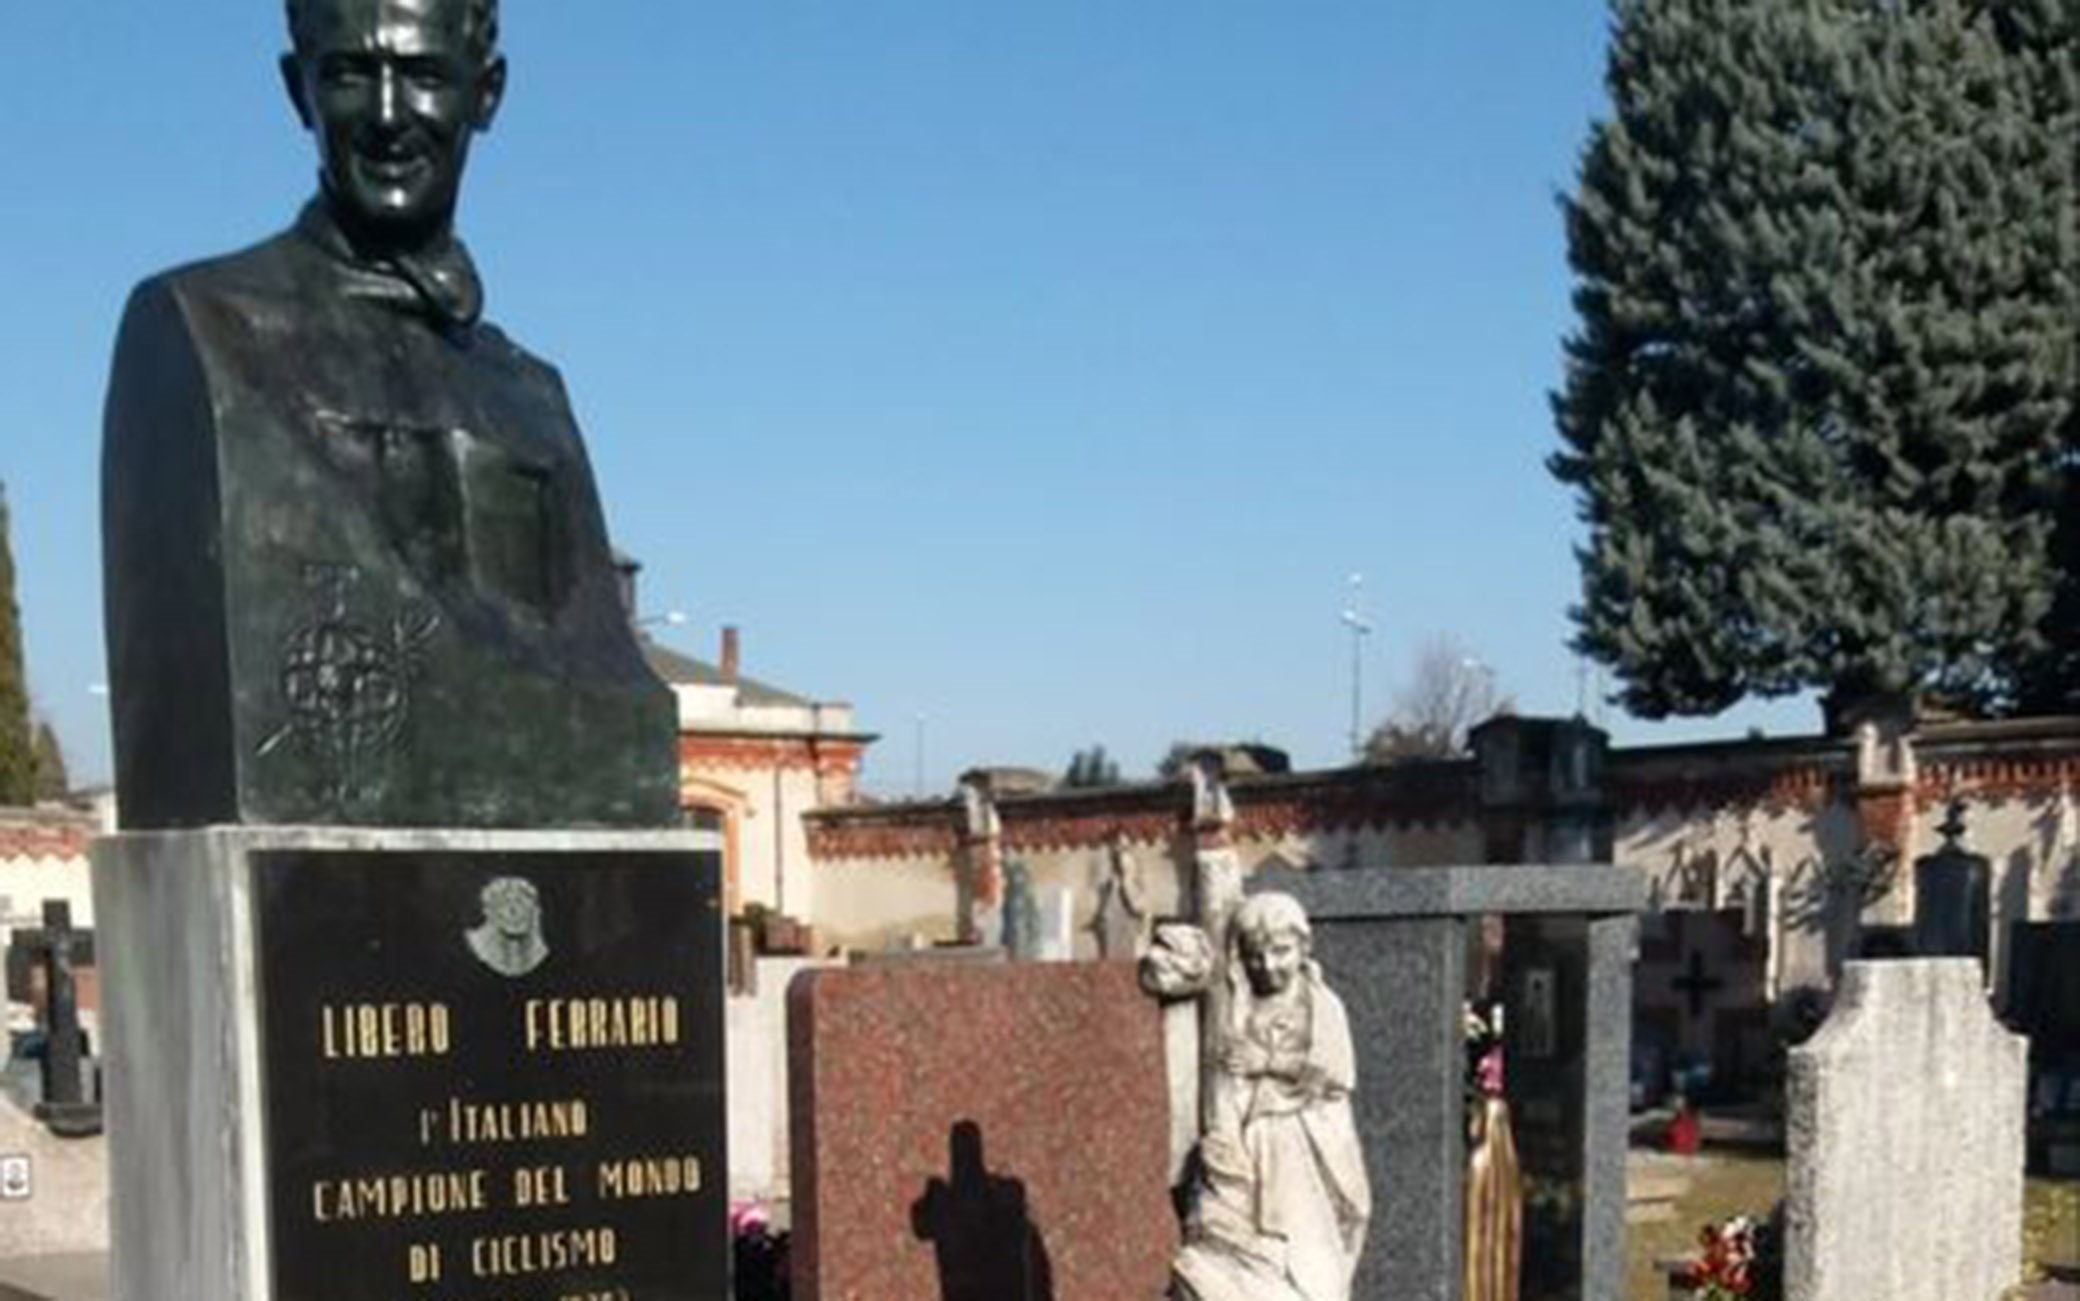 La statua di bronzo sulla tomba di Libero Ferrario nel cimitero di Parabiago